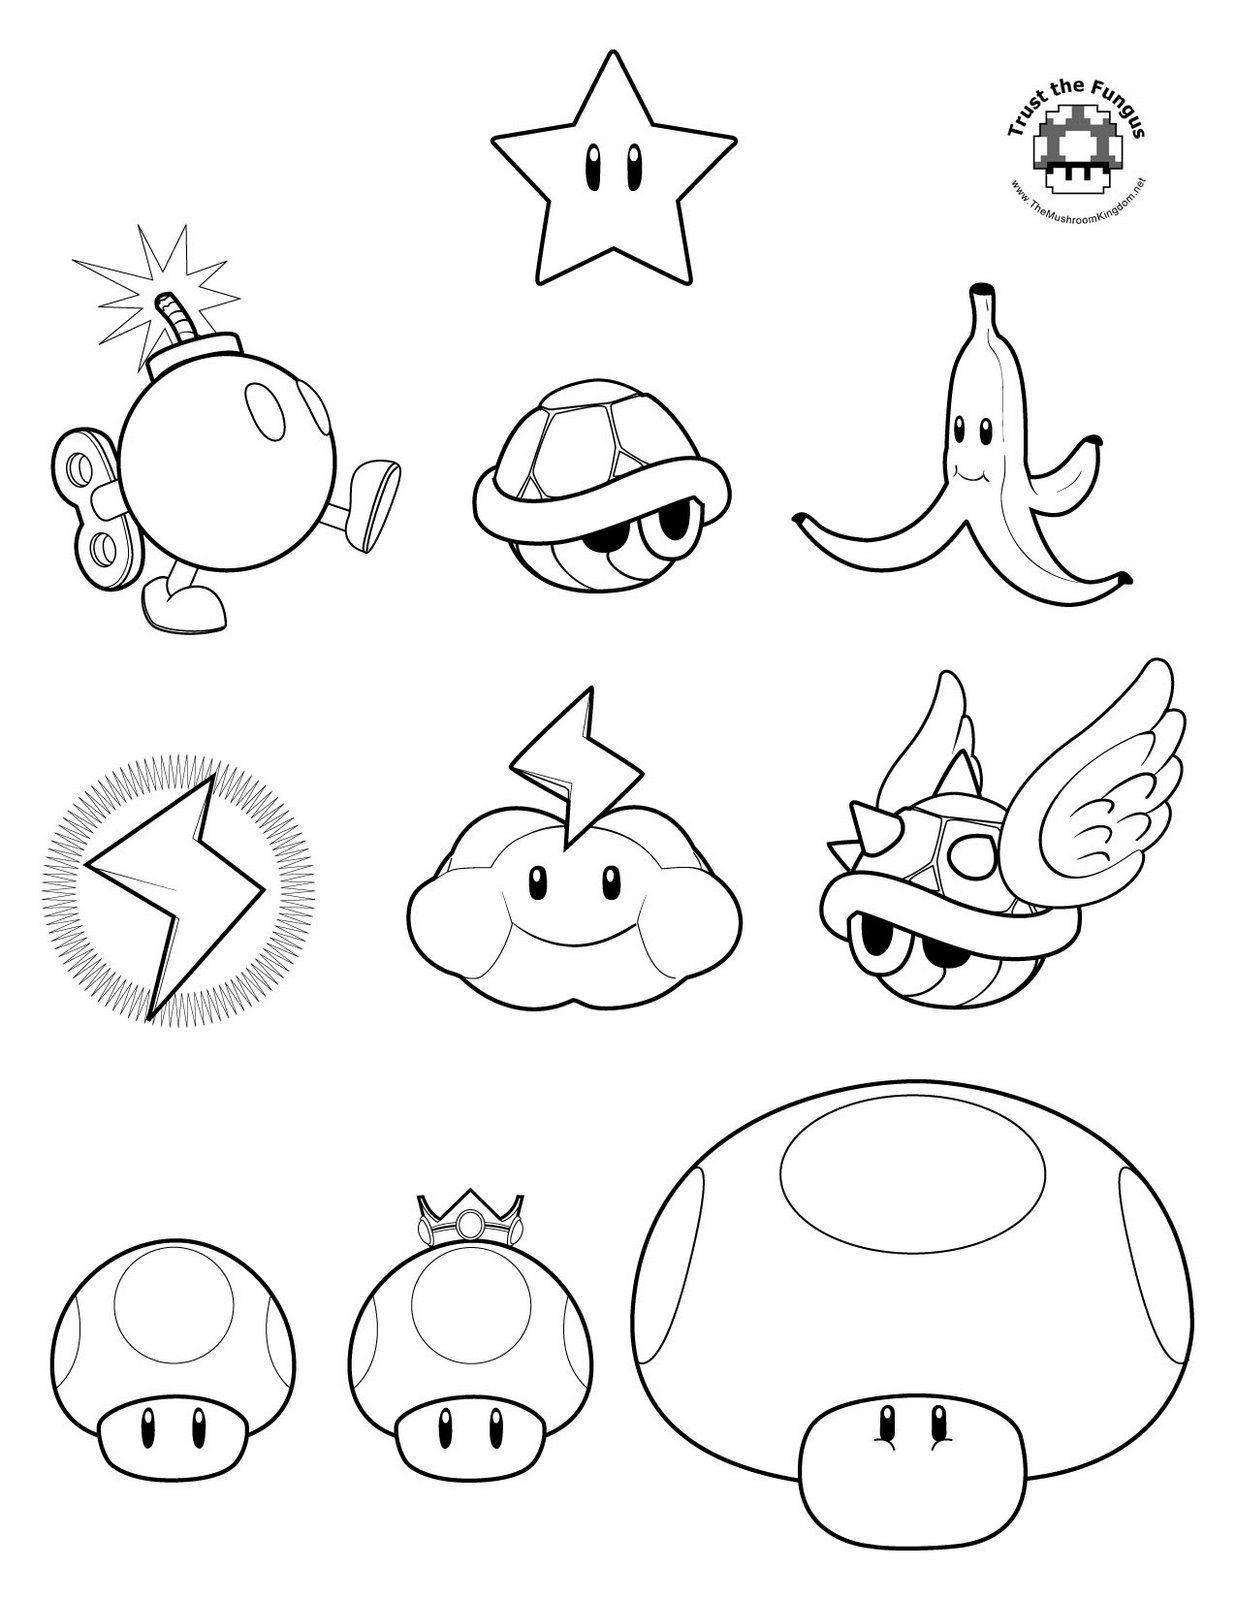 Mario Kart Wii 4 Super Mario Coloring Pages Mario Coloring